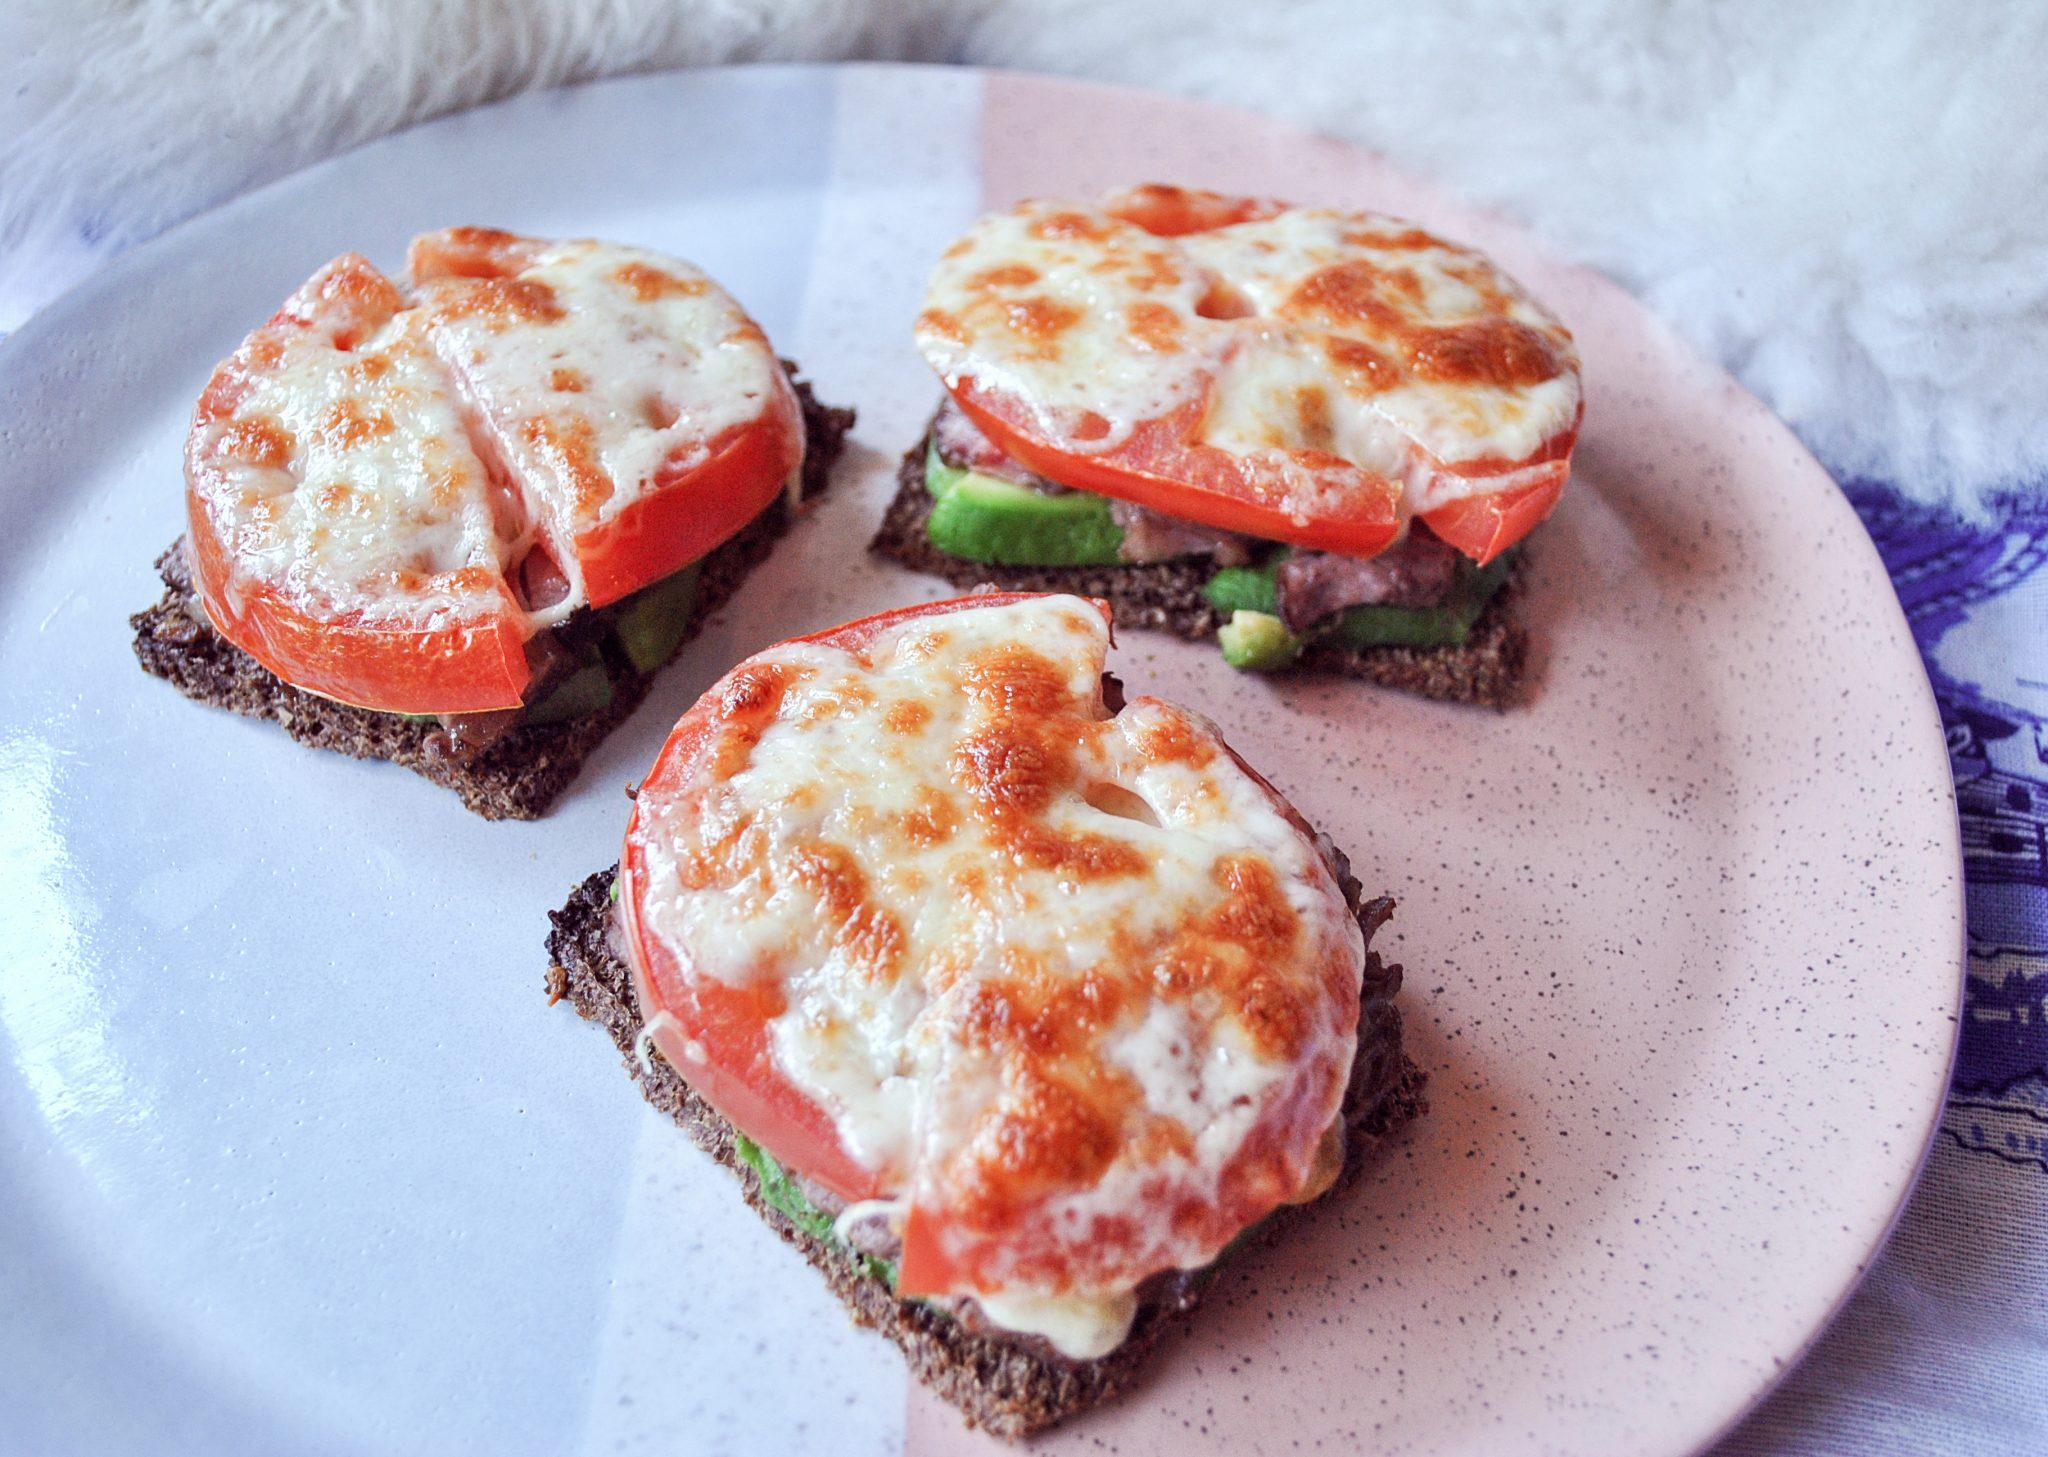 The-Hungarian-Brunette-gg-crackers-5-of-6.jpg